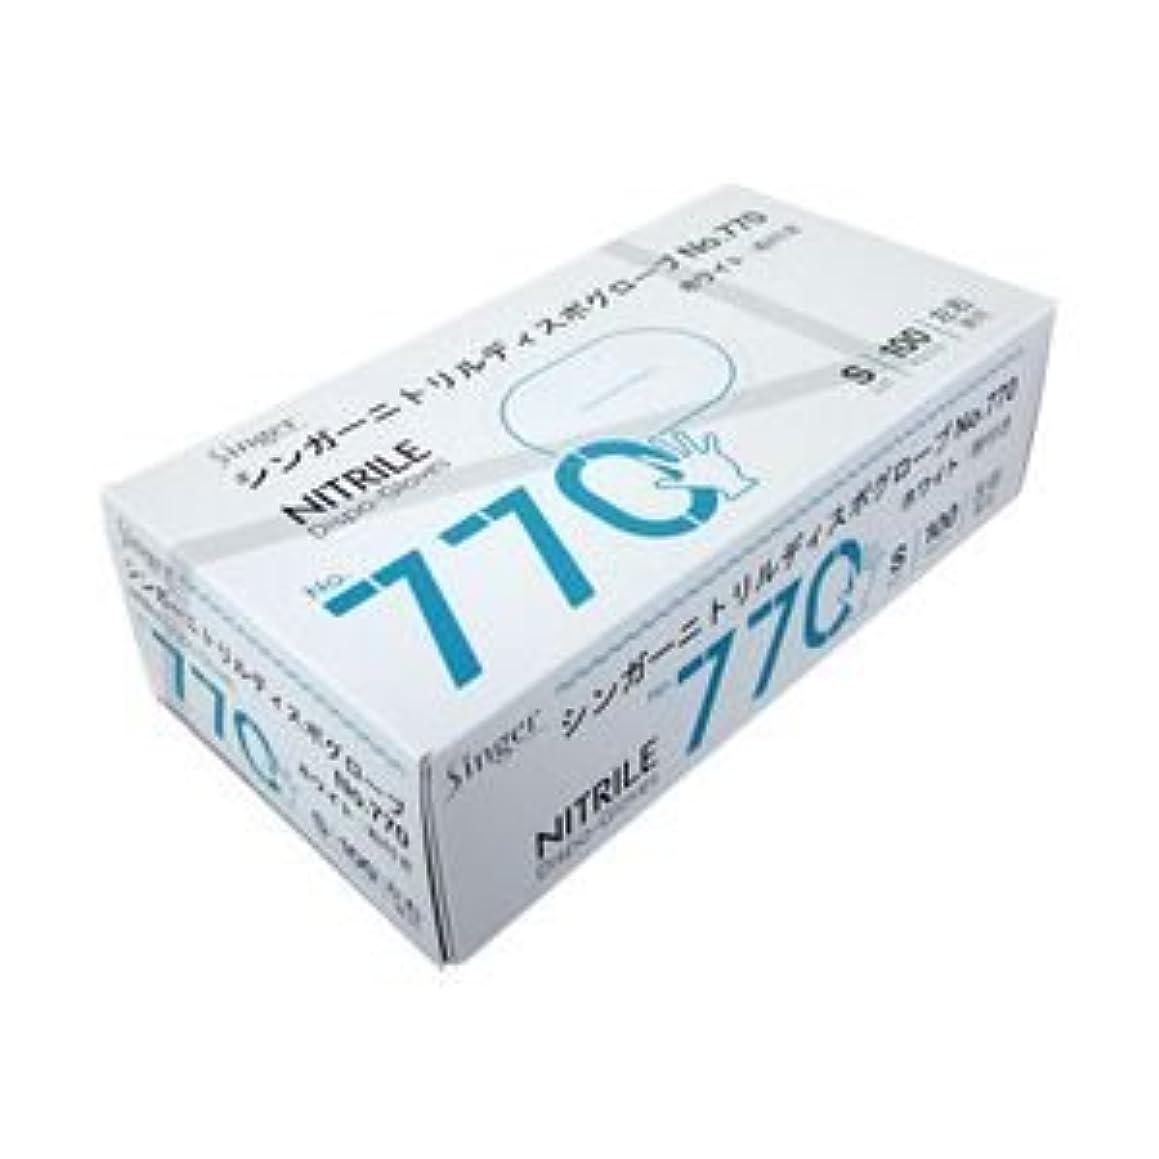 発明する抑圧するスロープ(業務用セット) 宇都宮製作 ニトリル手袋770 粉付き S 1箱(100枚) 【×5セット】